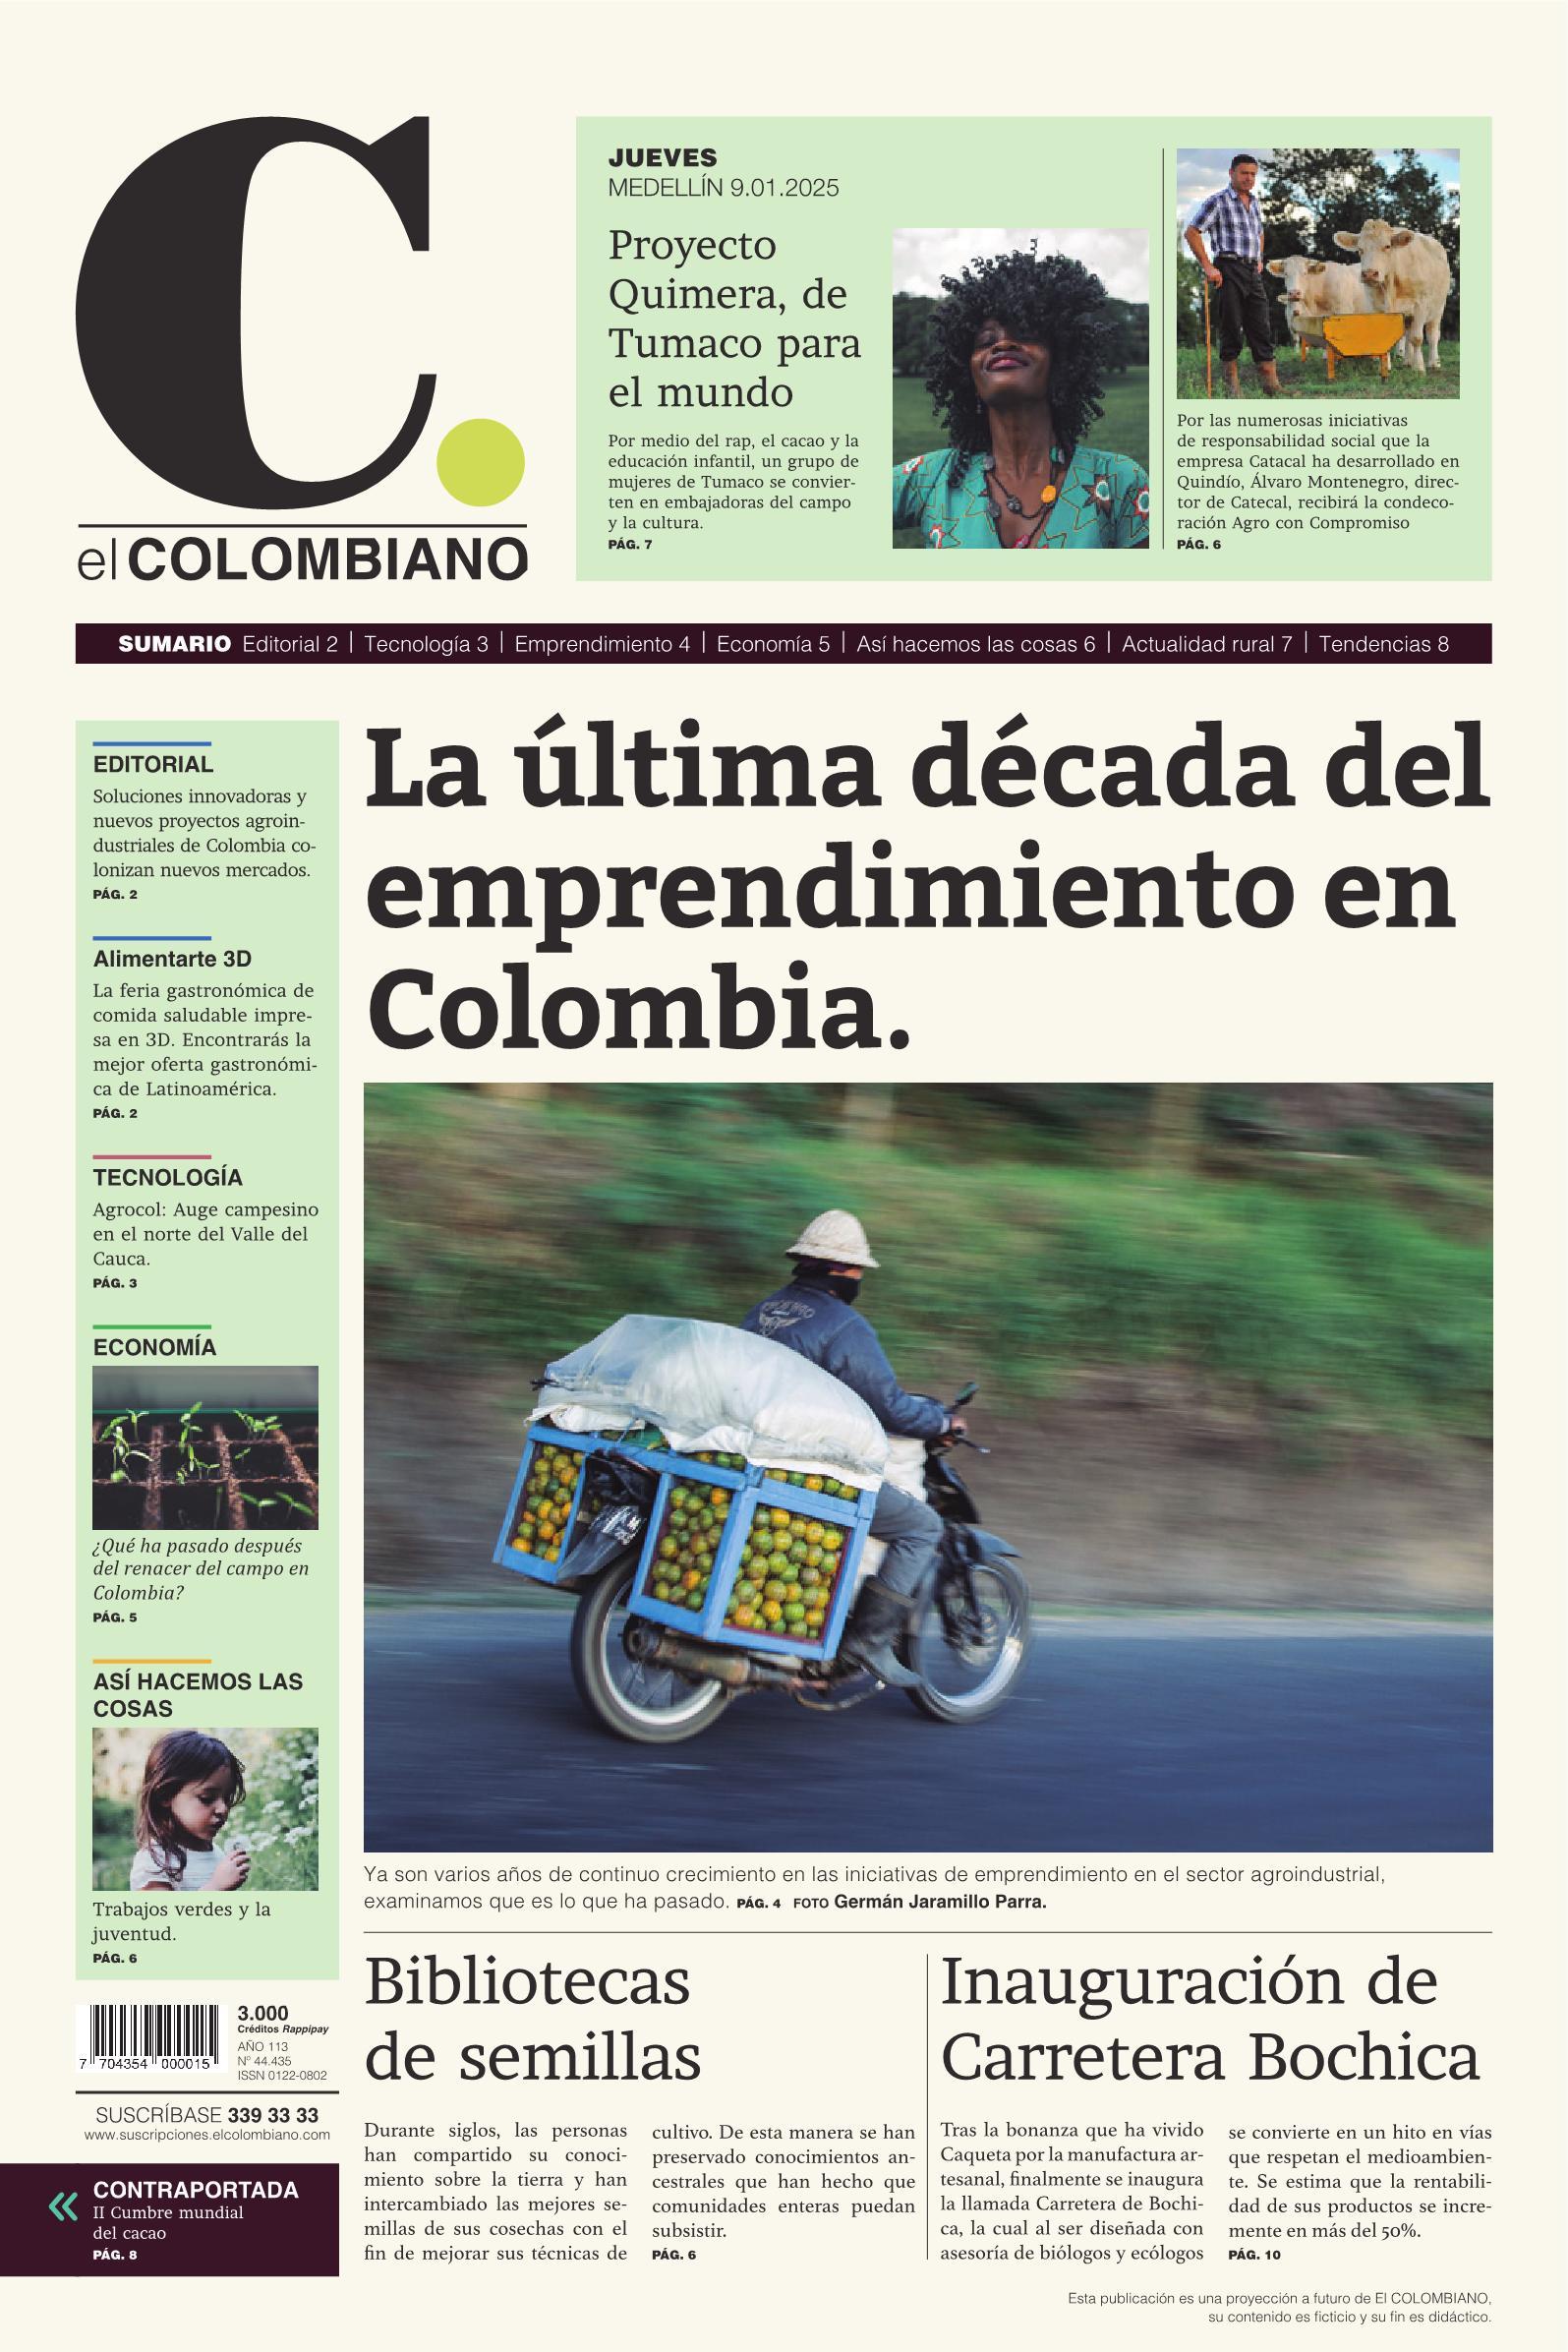 El Colombiano 2025_1.jpg